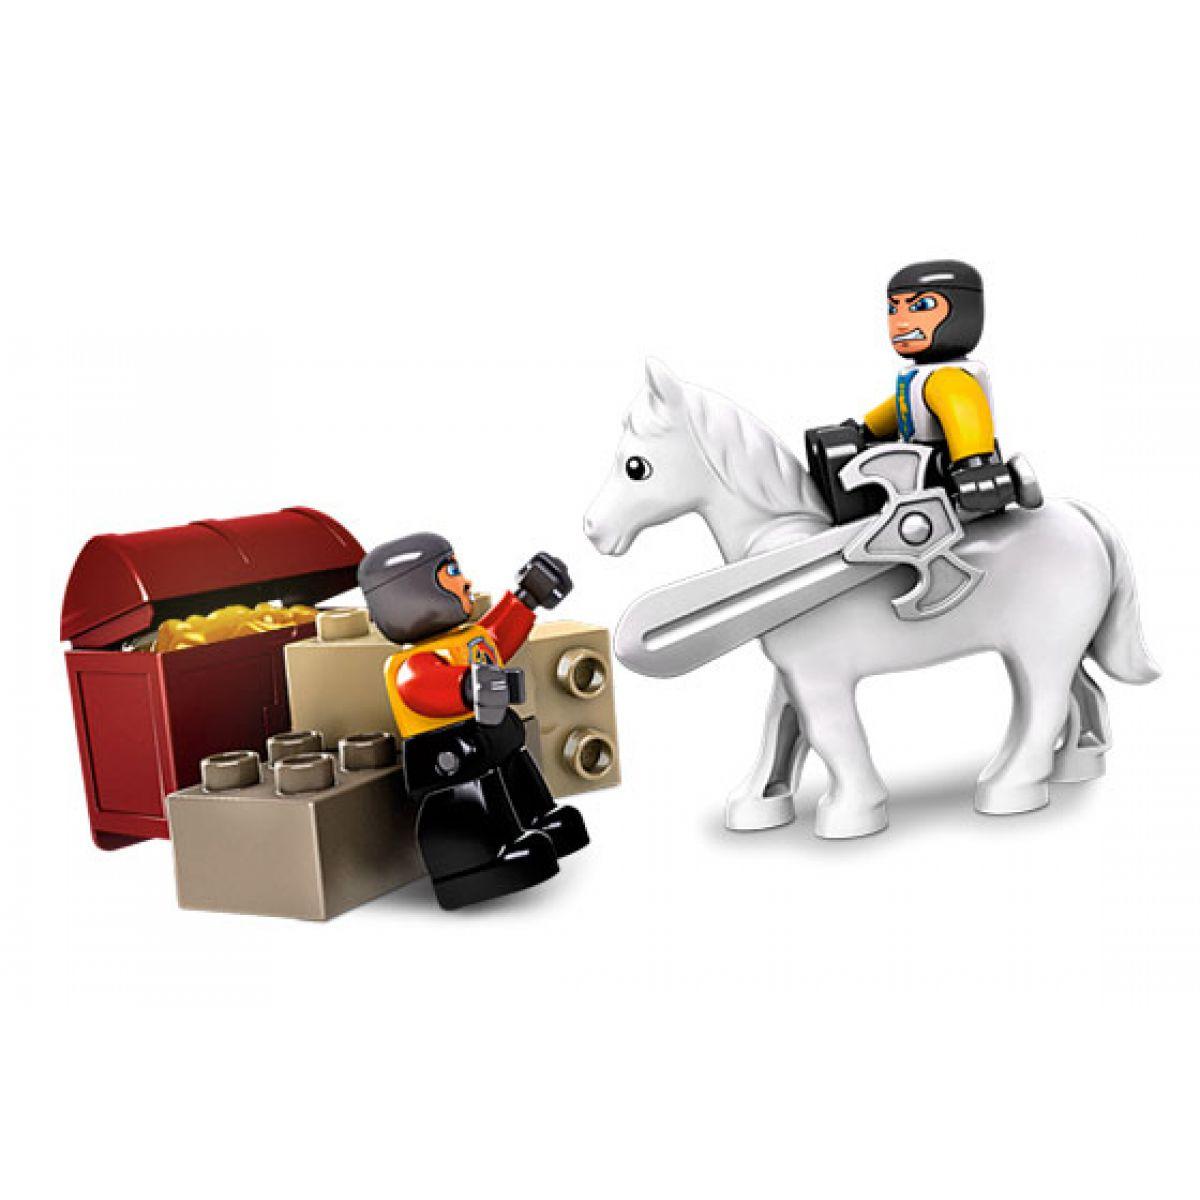 LEGO DUPLO Hrady - Přepadení #4